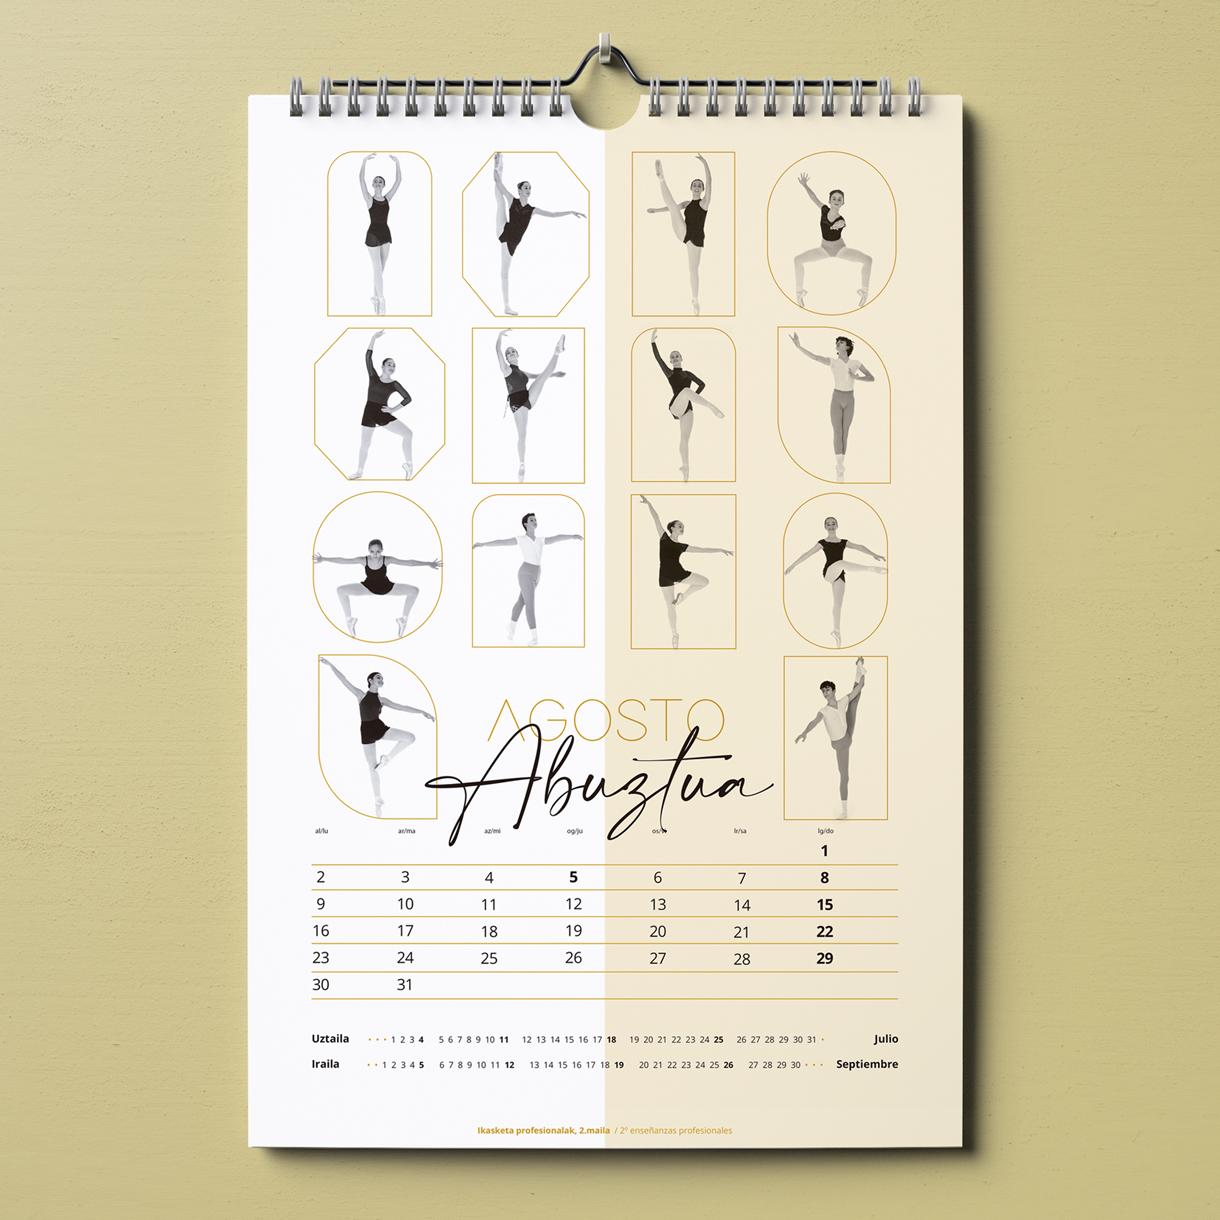 Danza José Uruñuela, calendario-egutegia